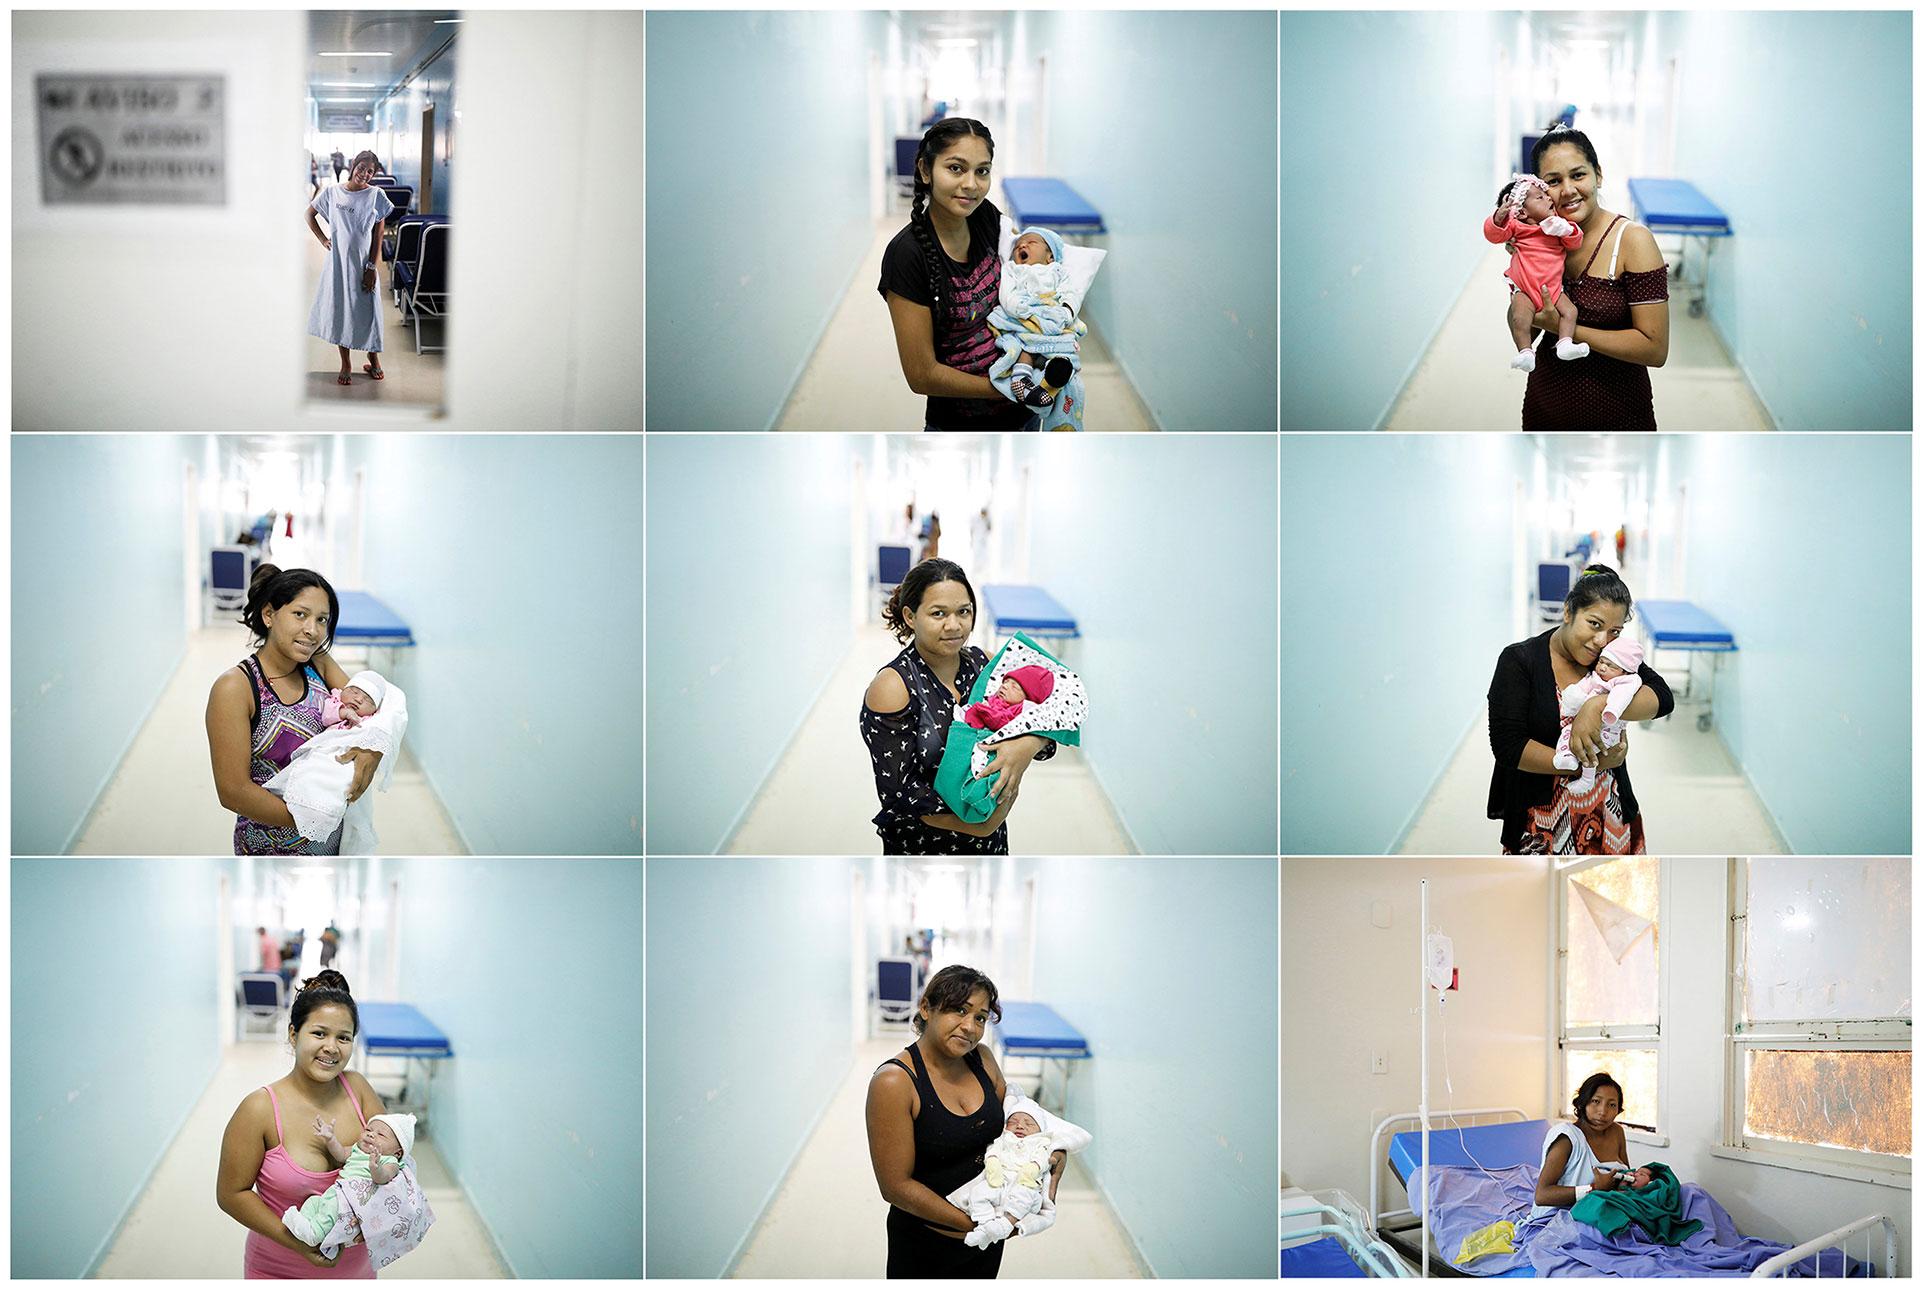 45c5917bd Mujeres embarazadas venezolanas están dejando el país debido a la falta de  cuidados prenatales